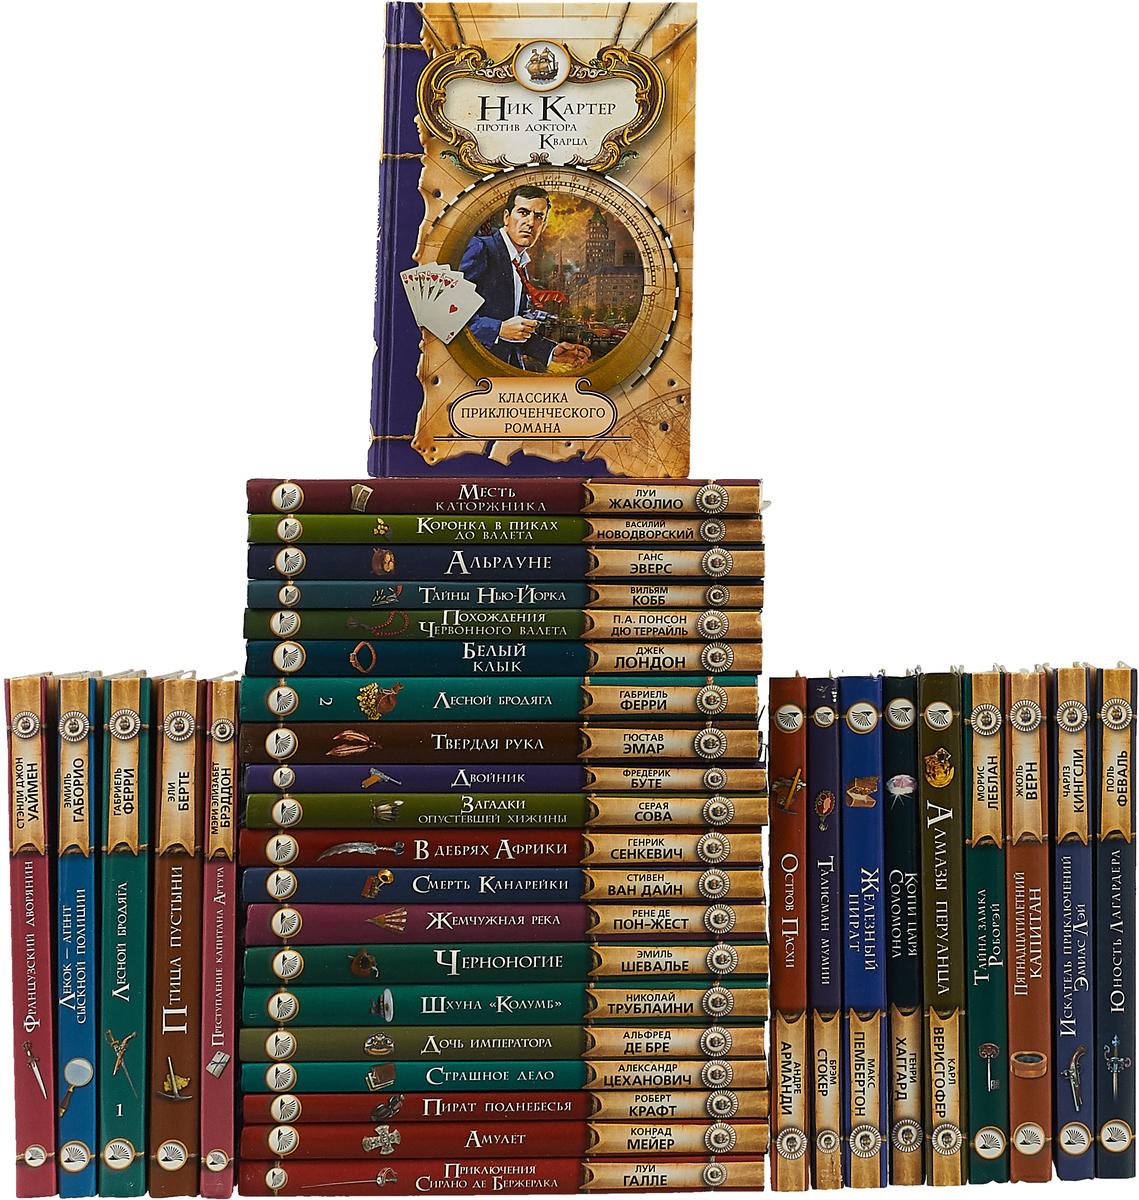 Серия Классика приключенческого романа (комплект из 35 книг) серия азбука классика pocket book комплект из 5 книг